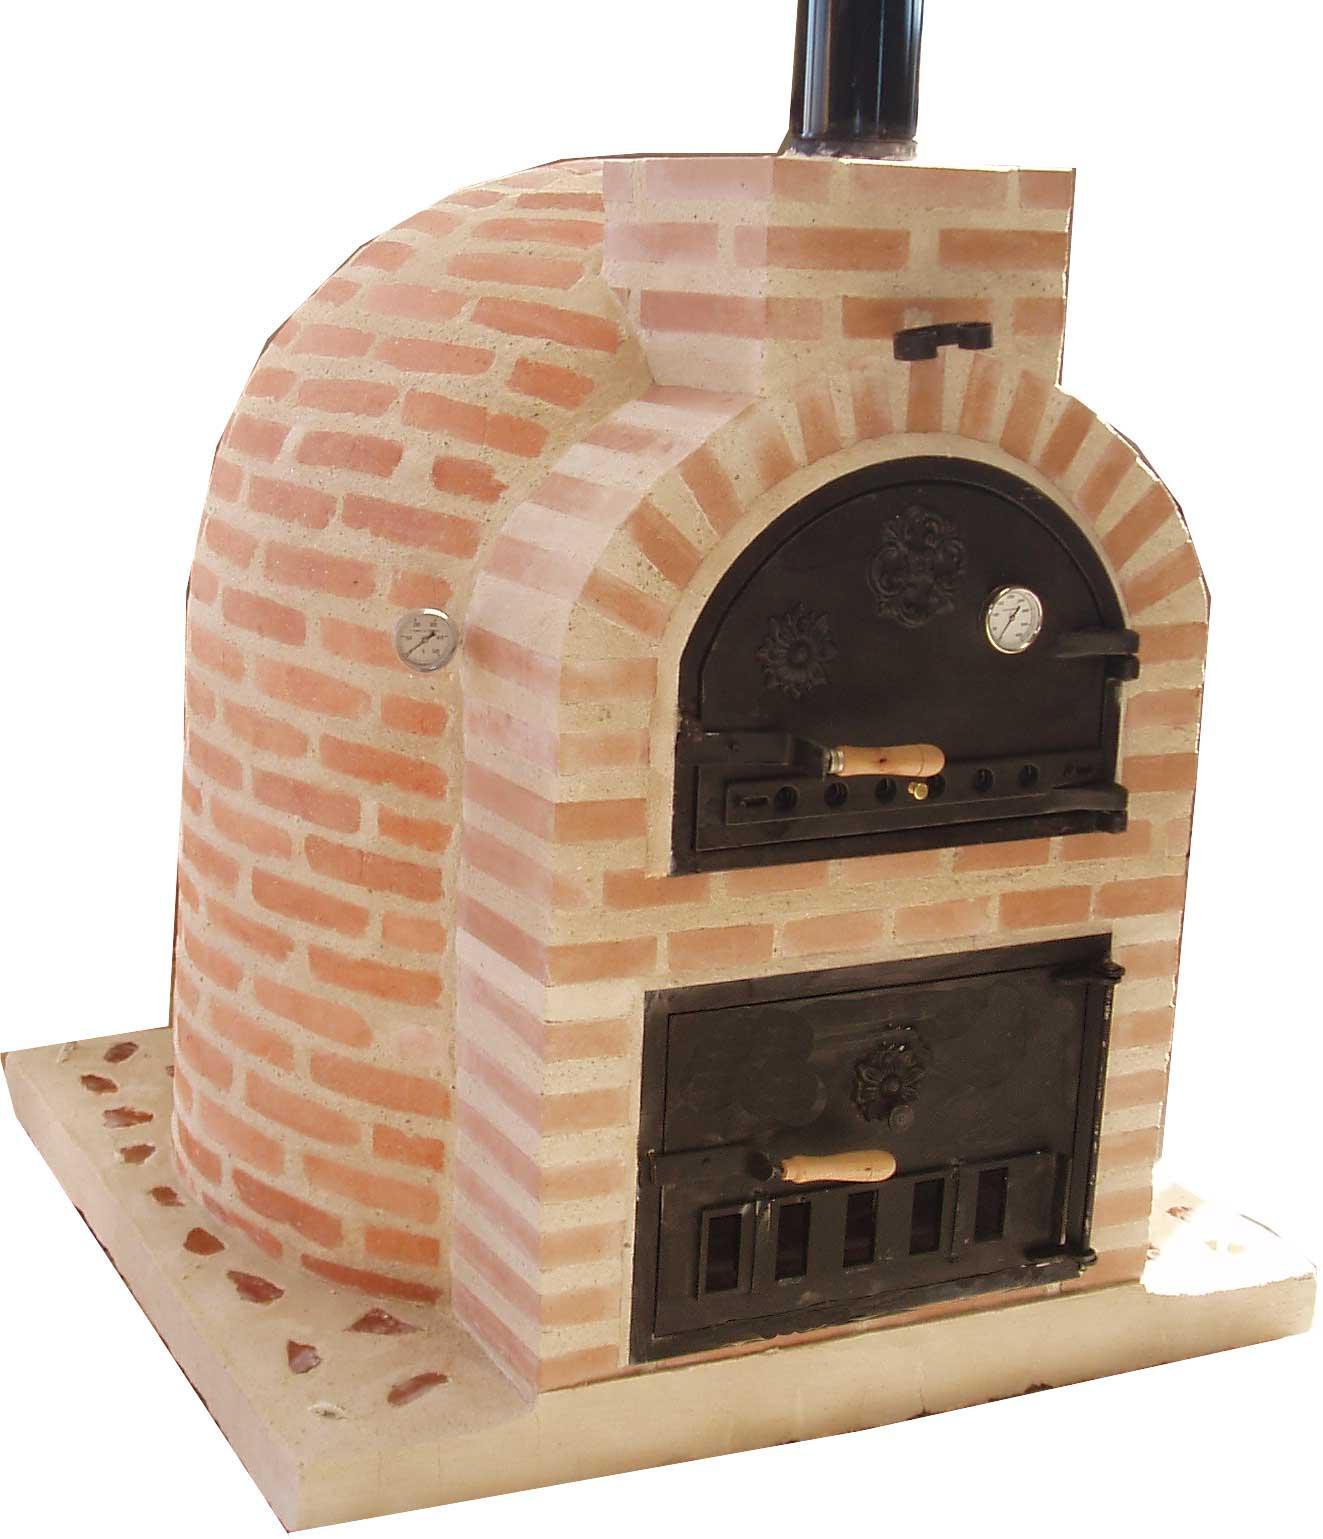 La fabrica de pereruela hornos con hornilla - Fotos de hornos de lena ...